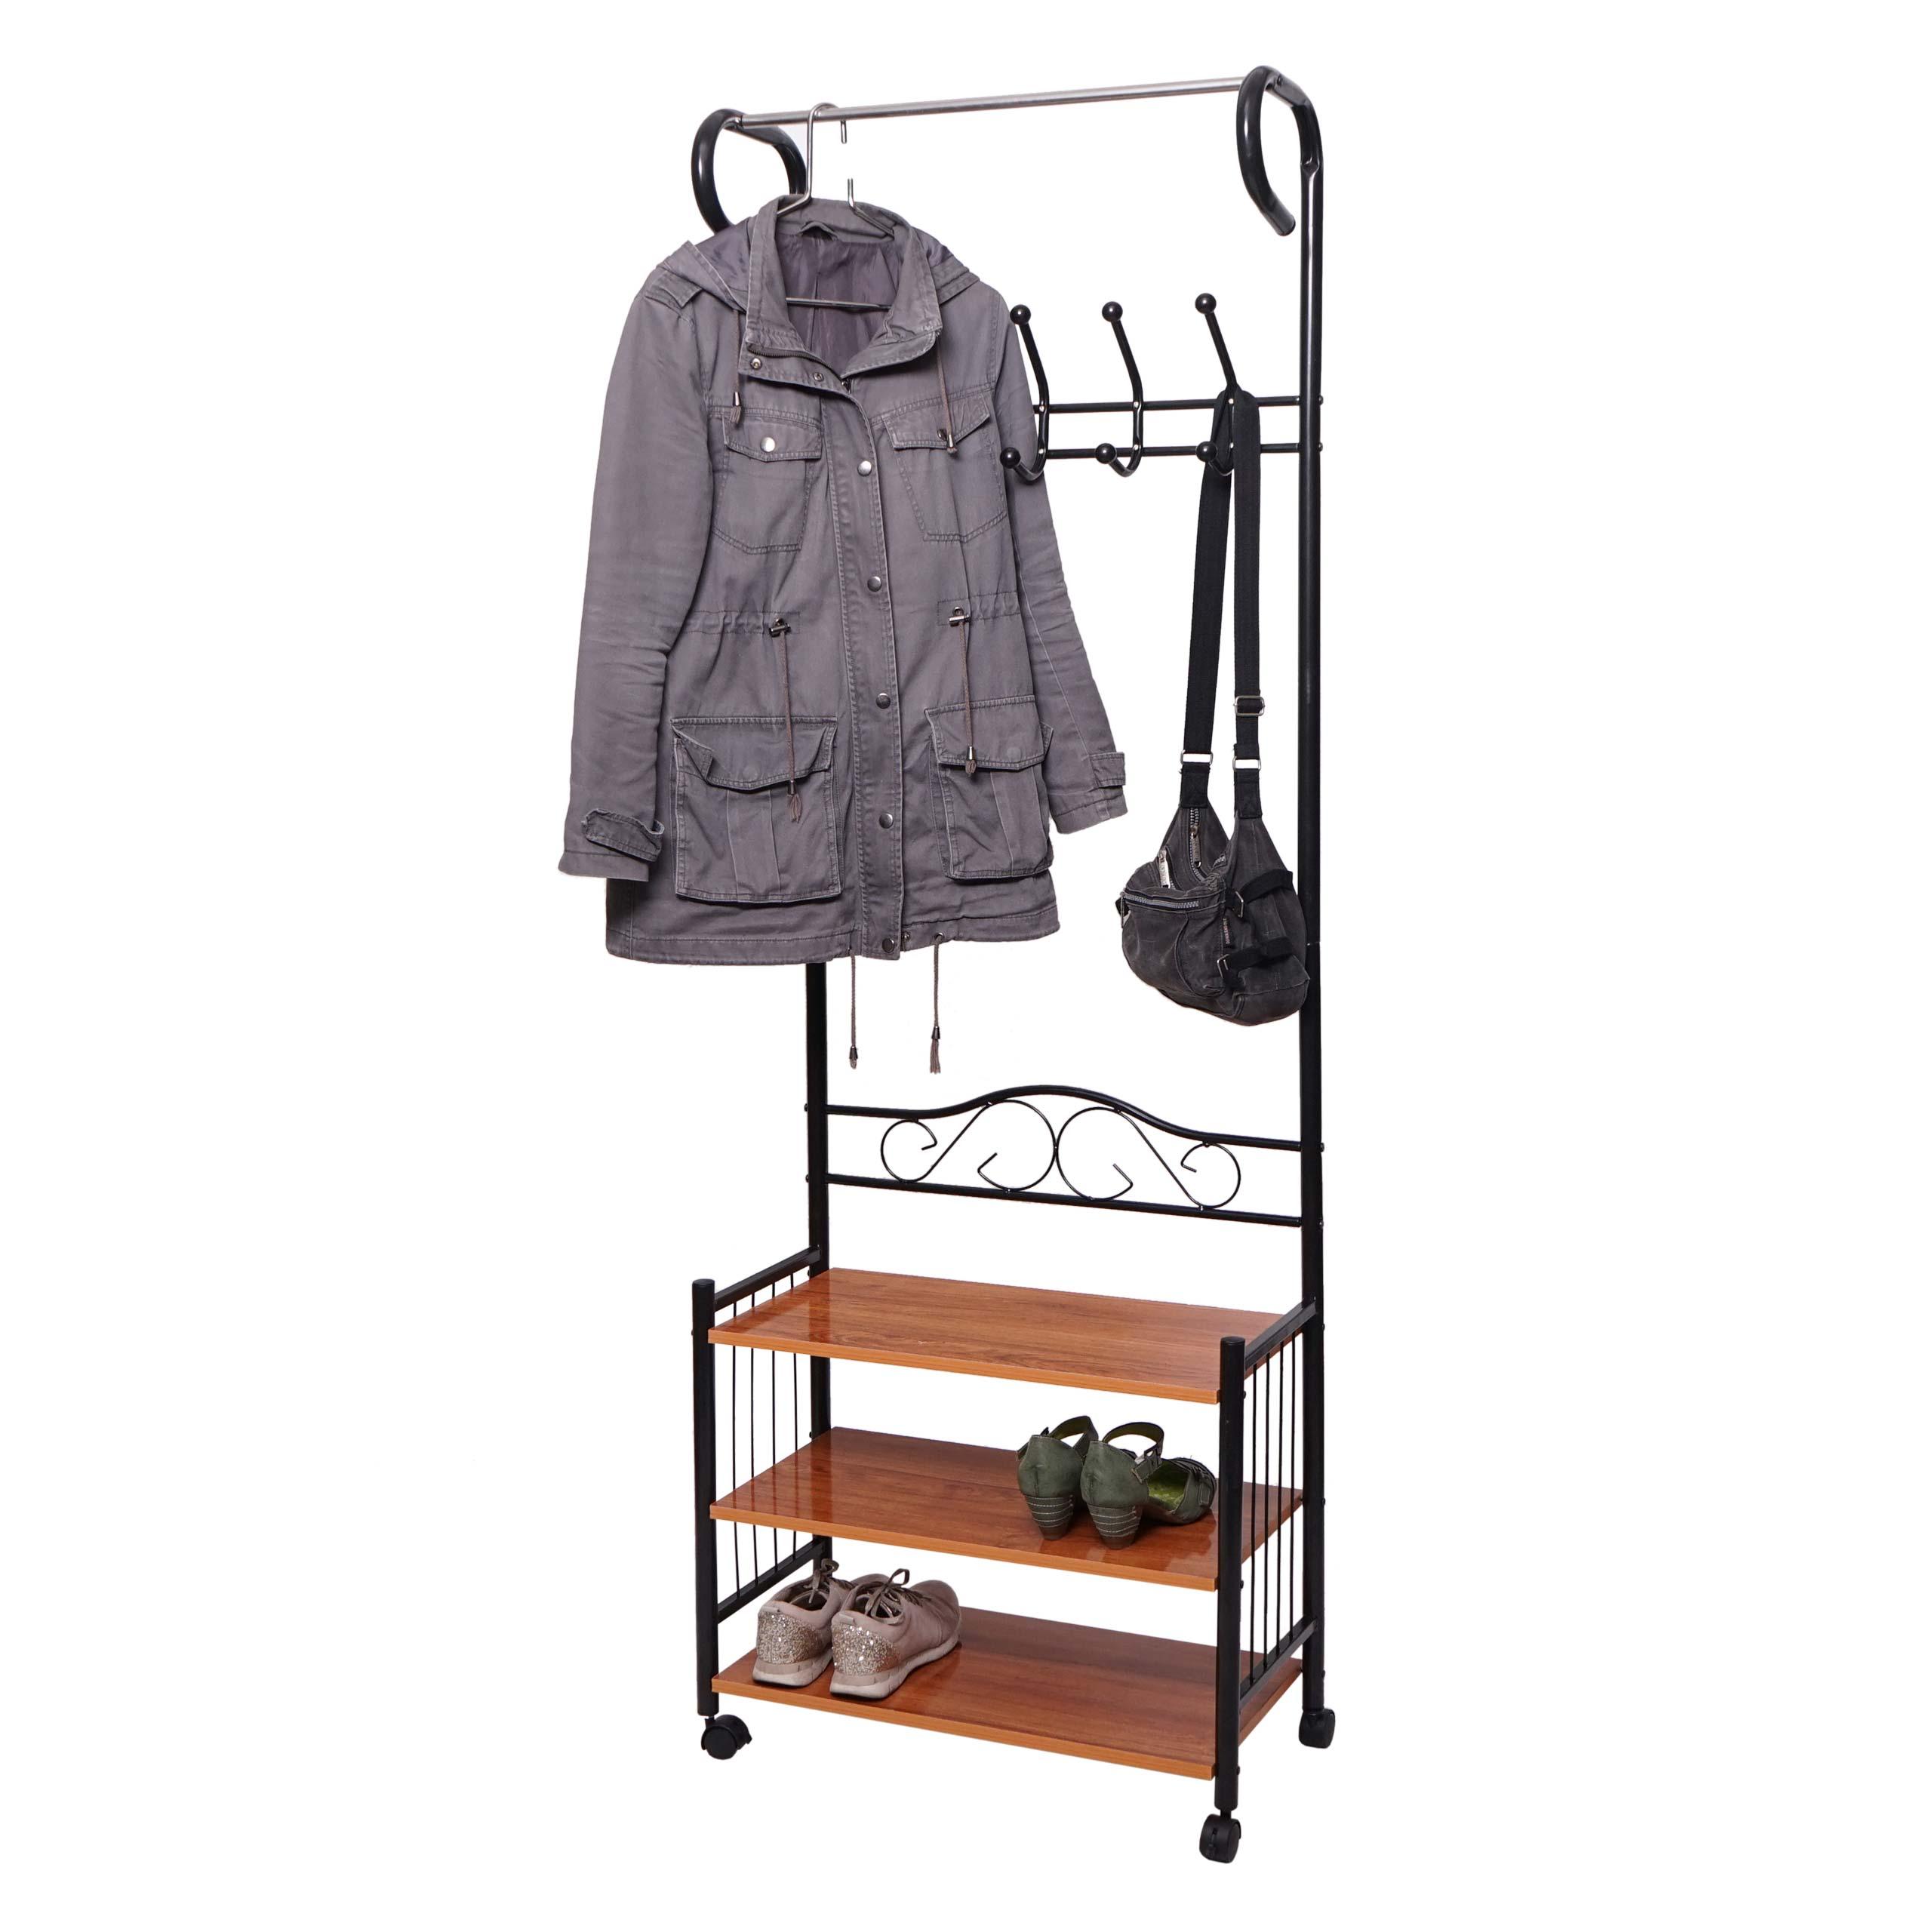 Metall Garderobe Oshawa, Standgarderobe Kleiderstange, 9x9x9cm